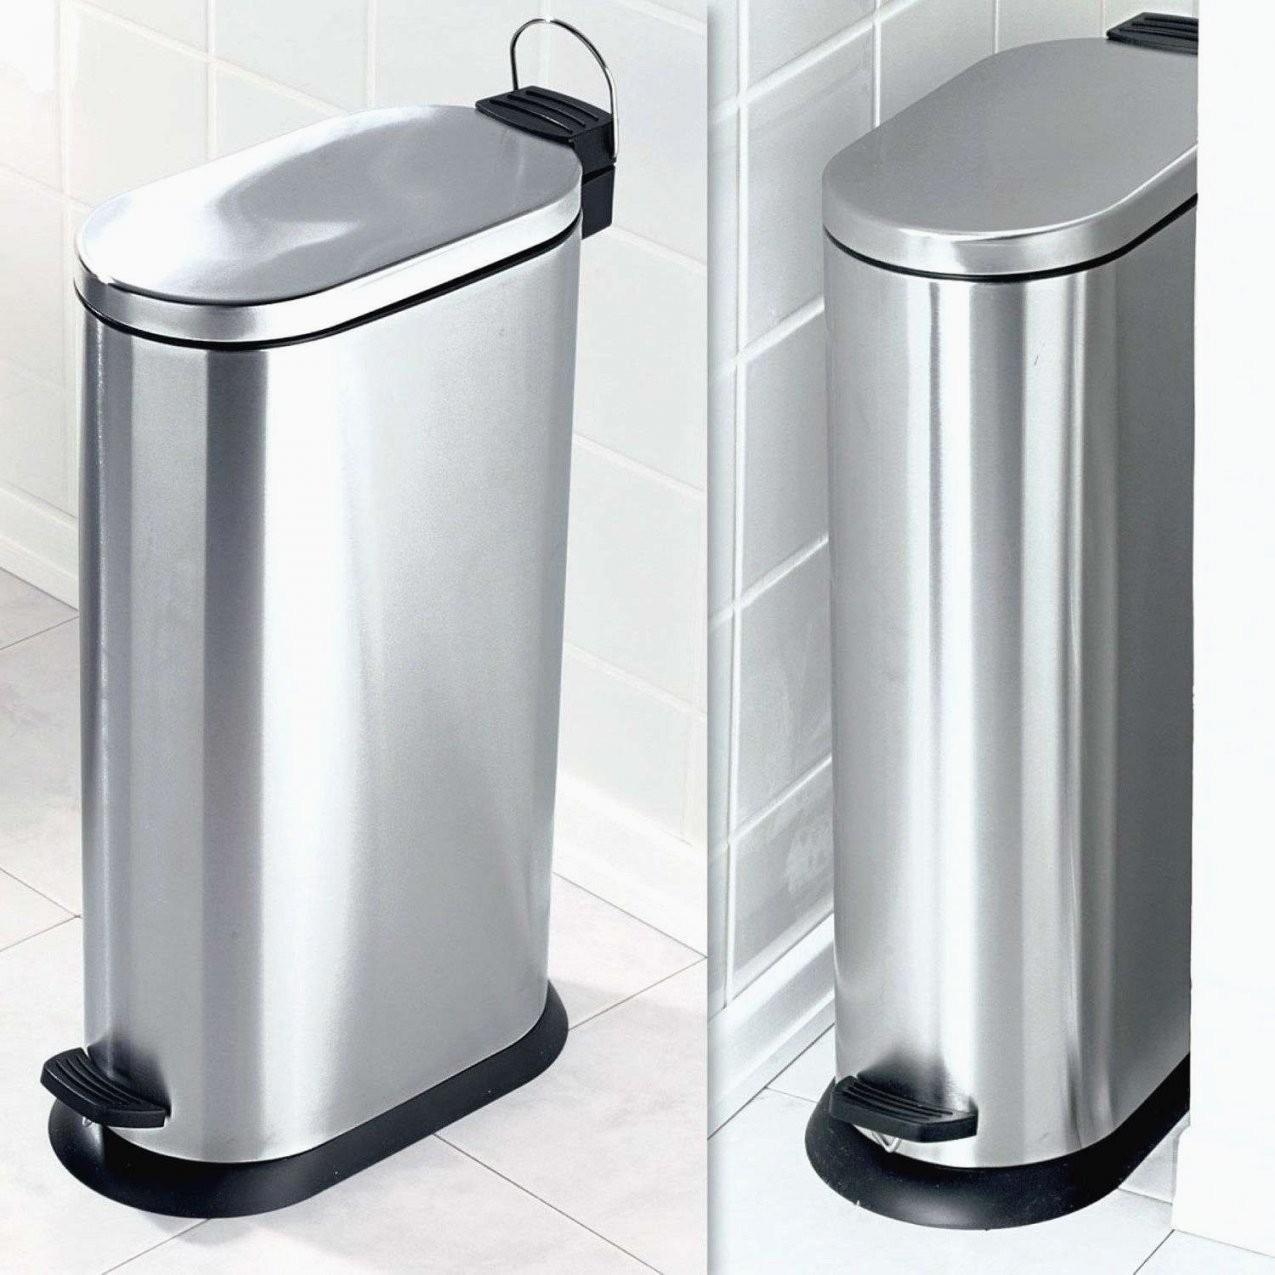 Schöne Mülleimer Für Die Küche Mülleimer Küche Doppel Mülleimer